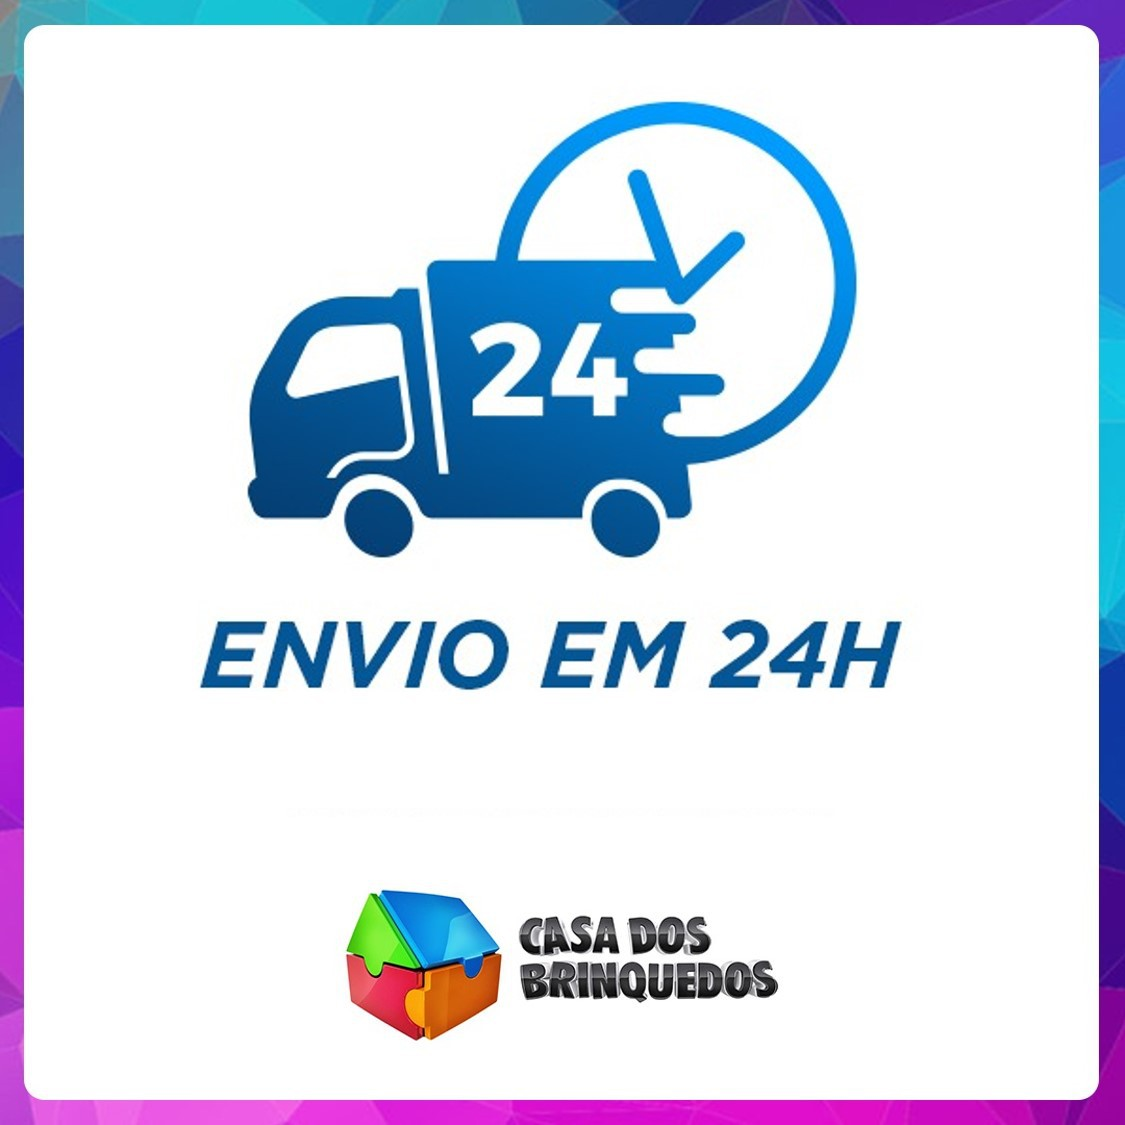 CAMINHÃO GUINCHO CONSTRUÇÃO FRICÇÃO LUZ SOM DMT5697 DMTOYS